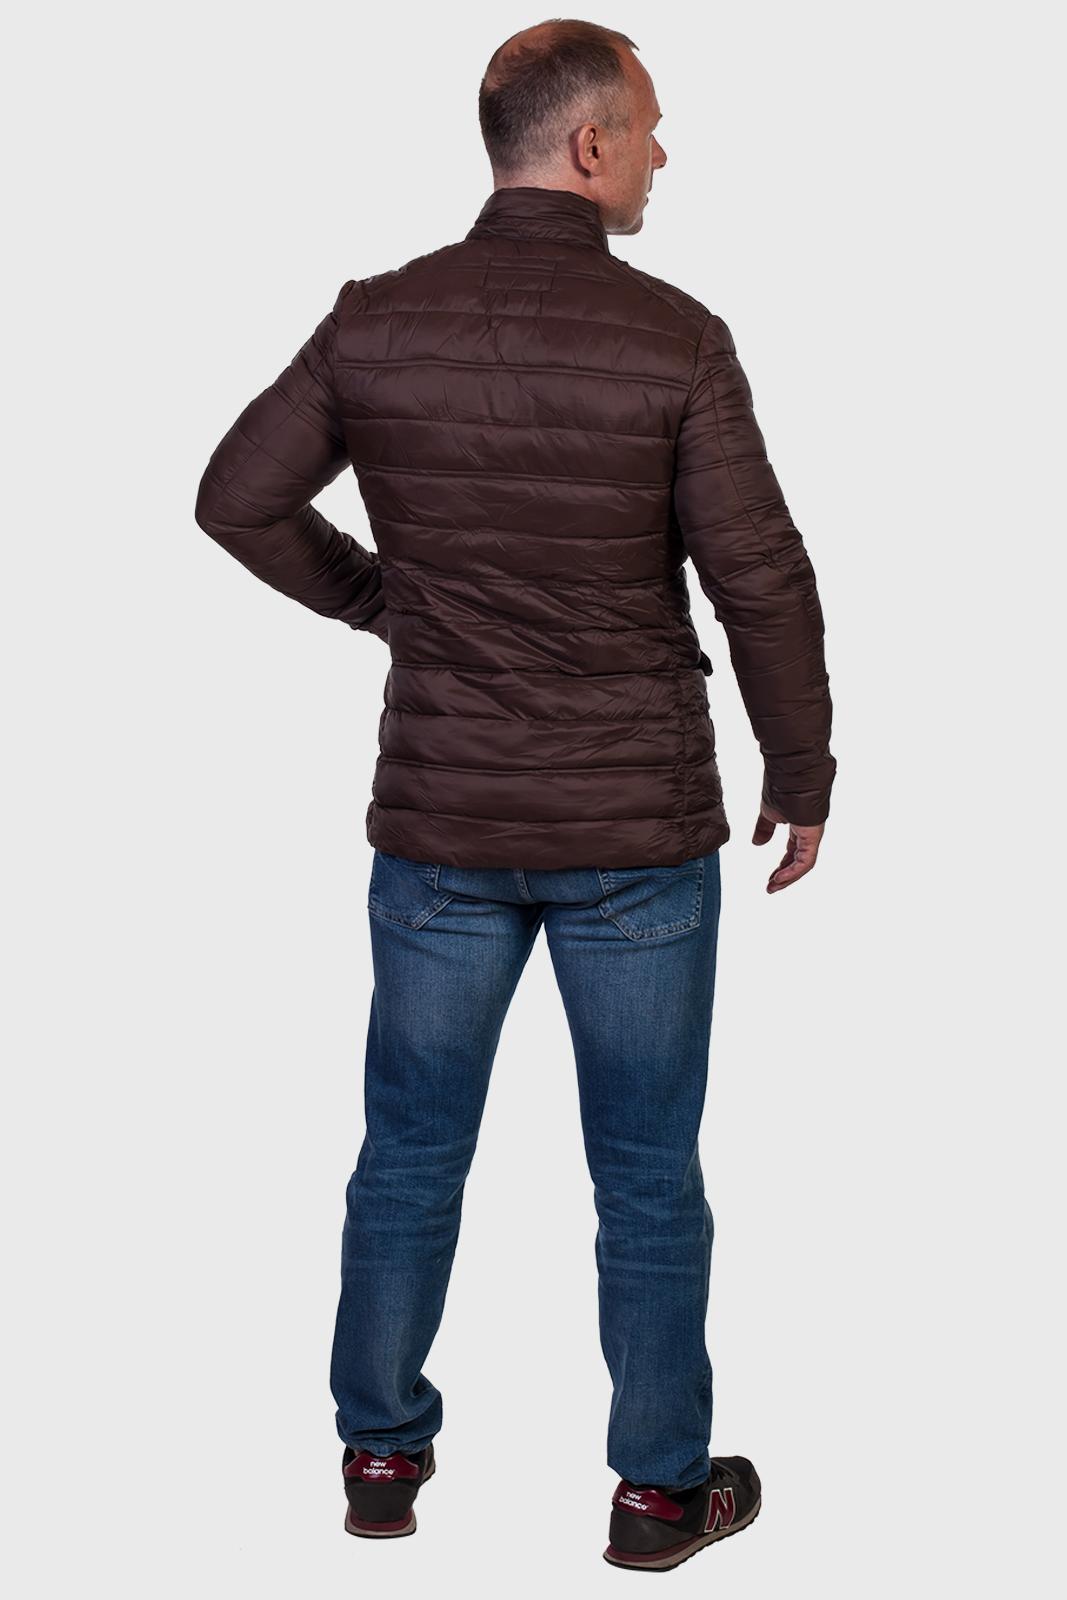 Мужская куртка от итальянского бренда Marina Militare